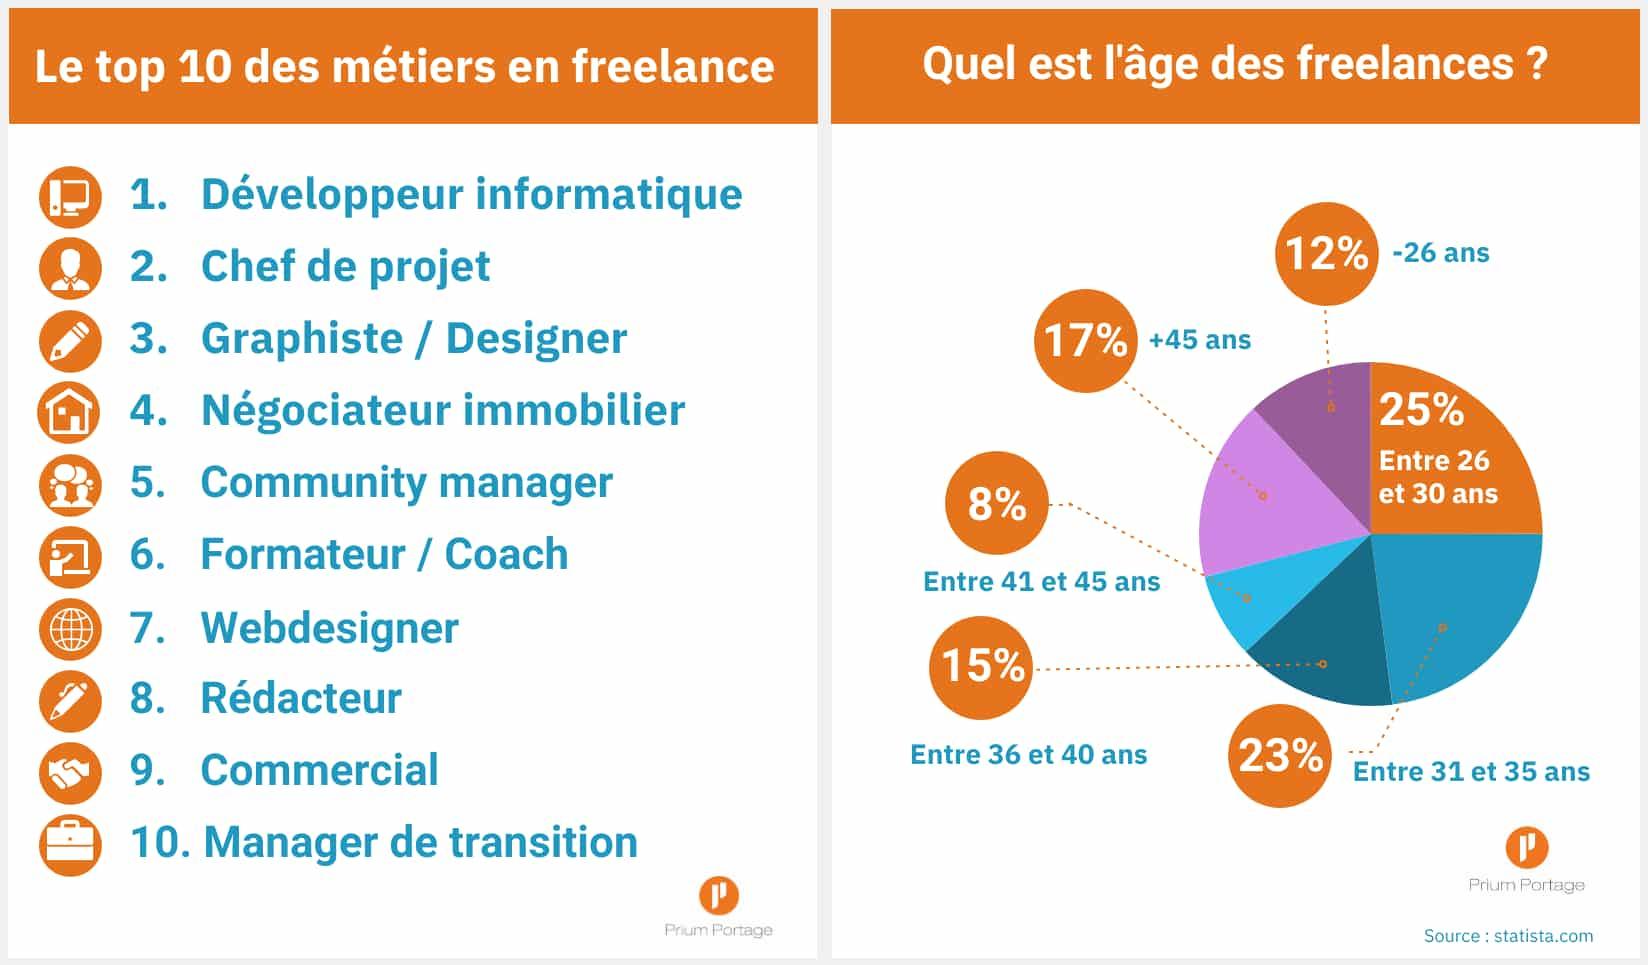 Infographie sur le top 10 des métiers en freelance et l'âge des freelances.